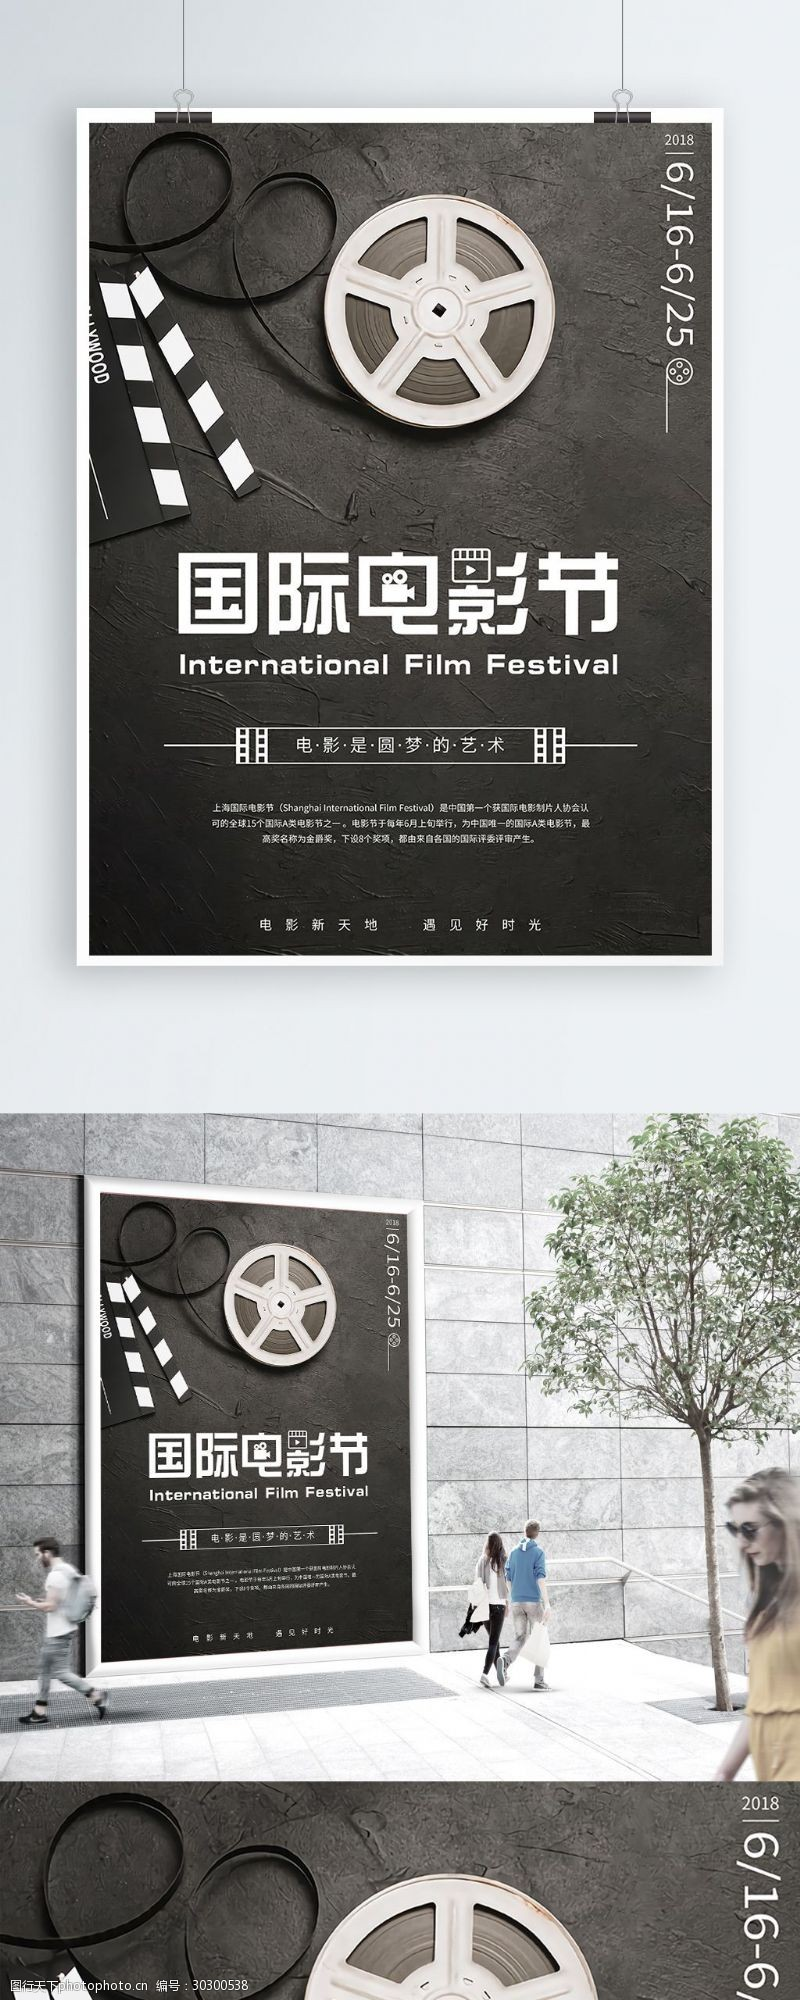 上海电影节国际电影节宣传海报